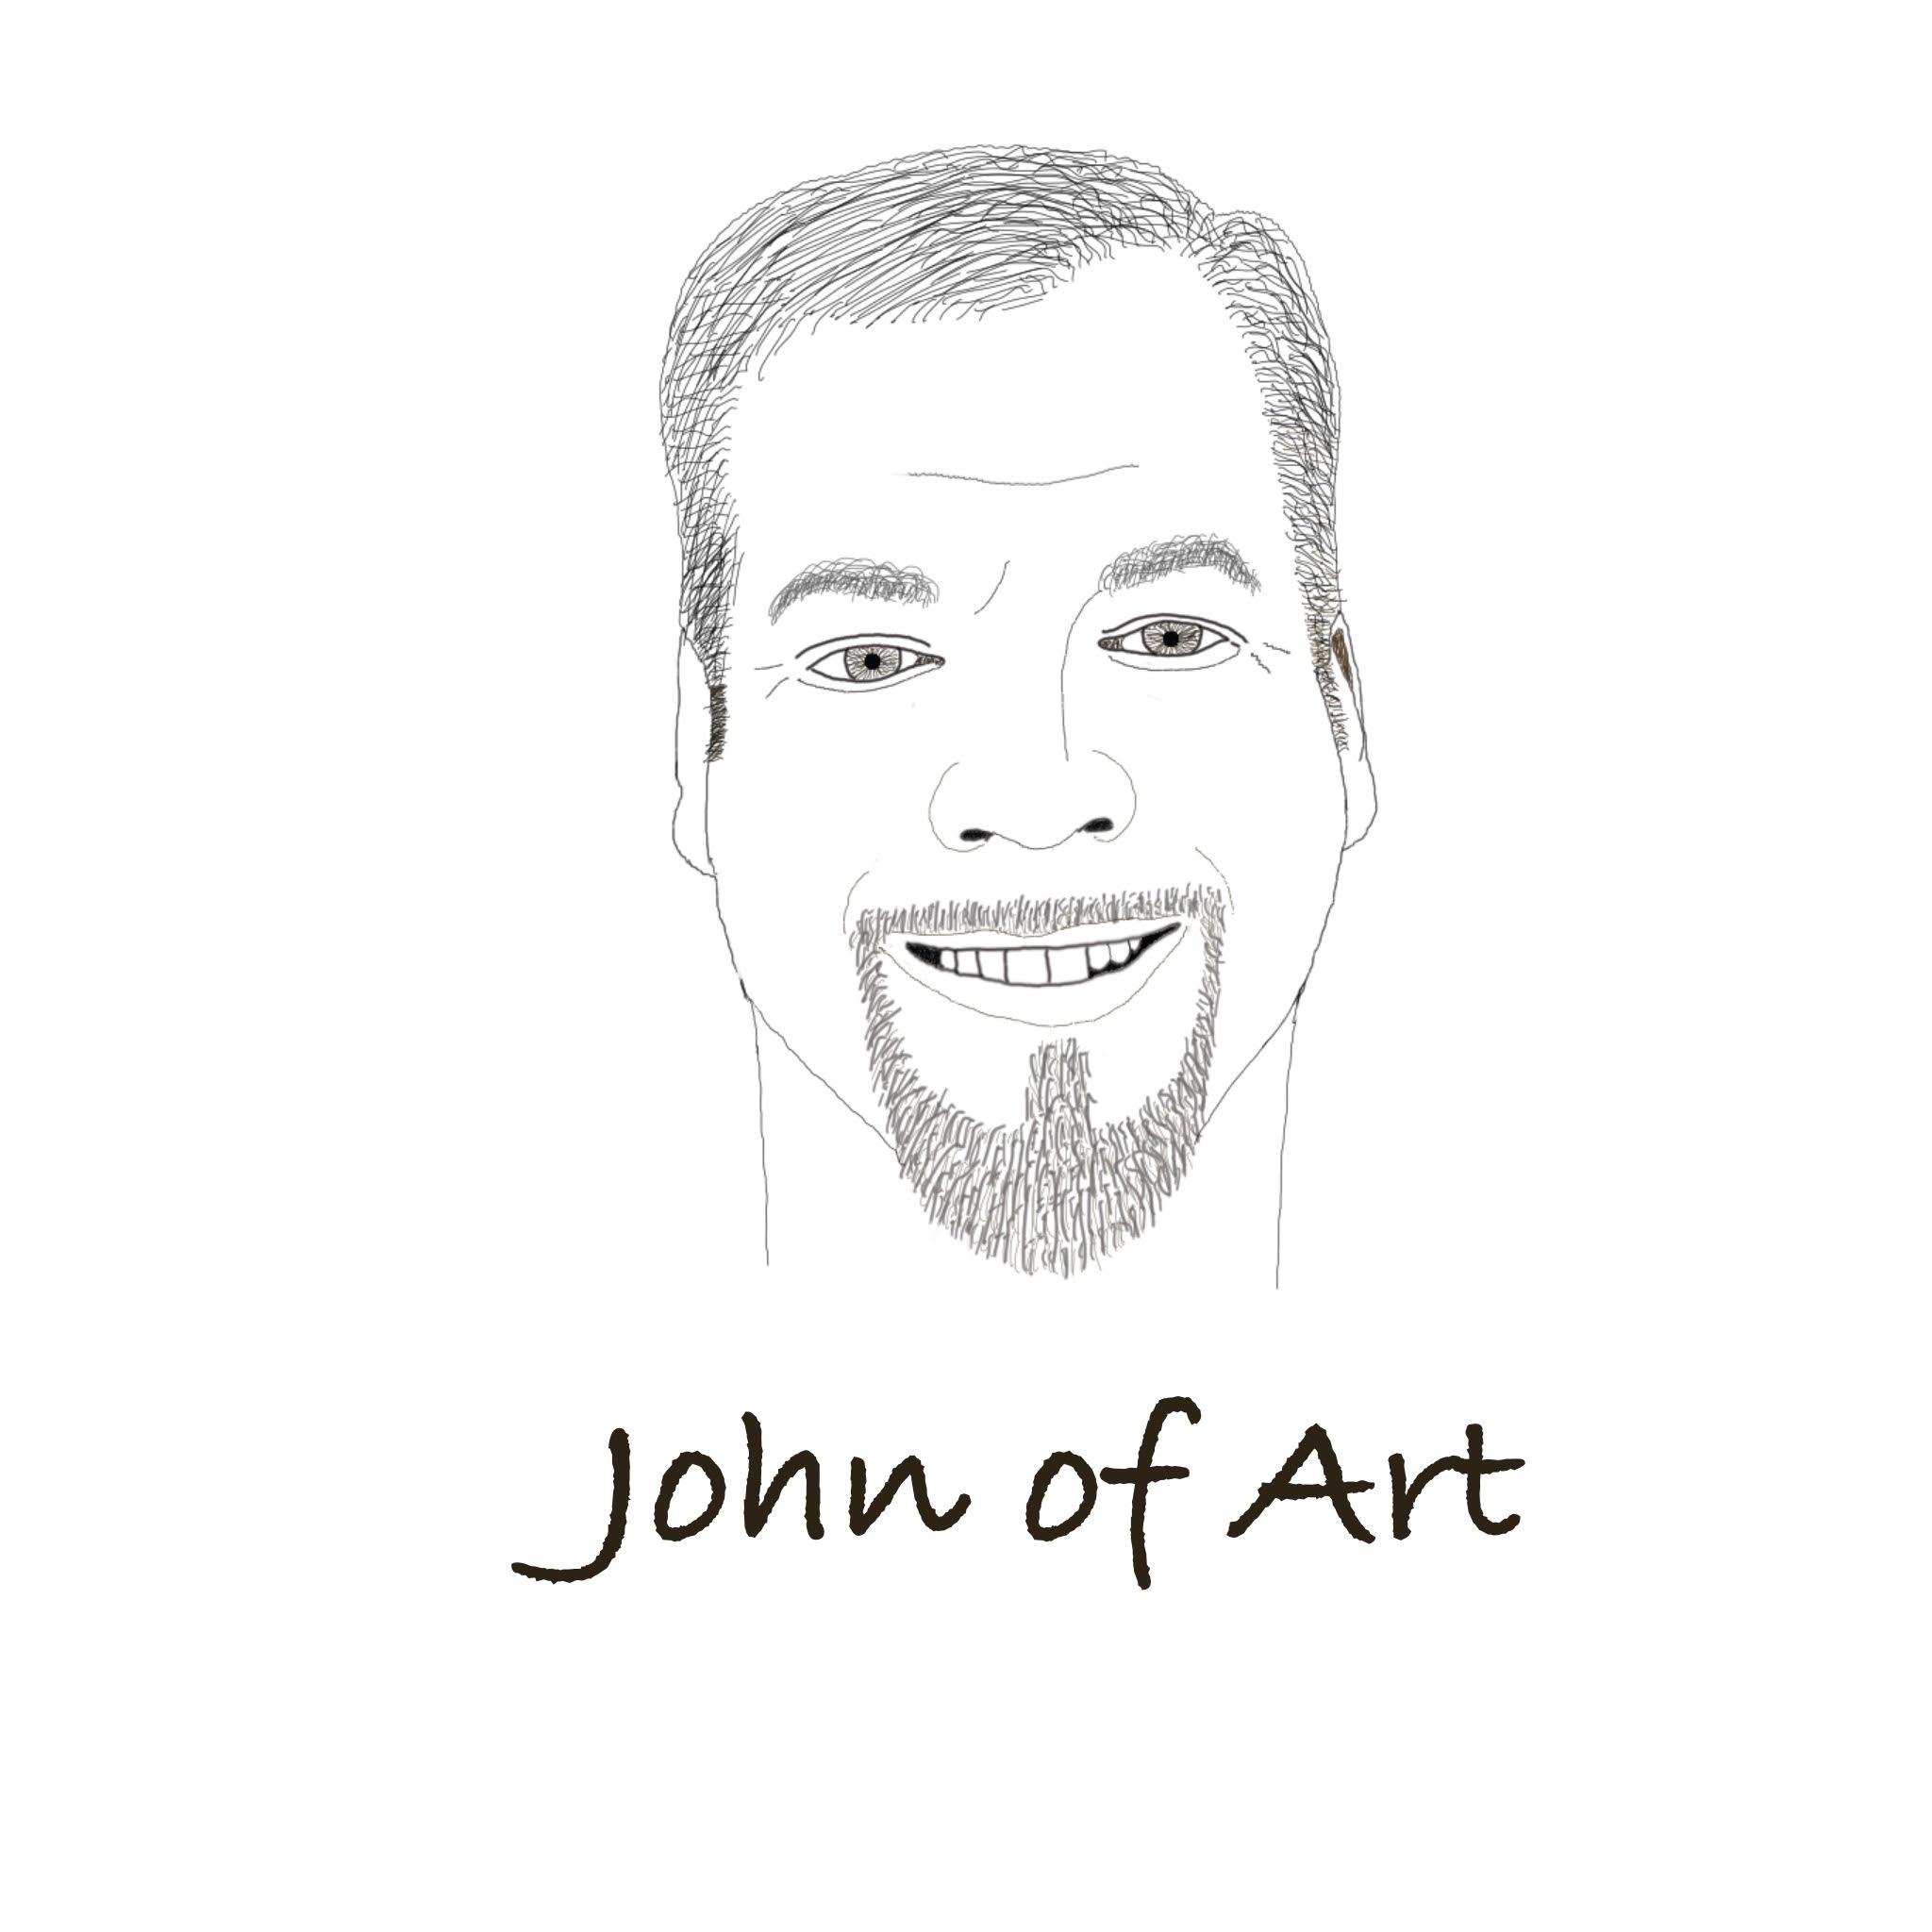 John of Art